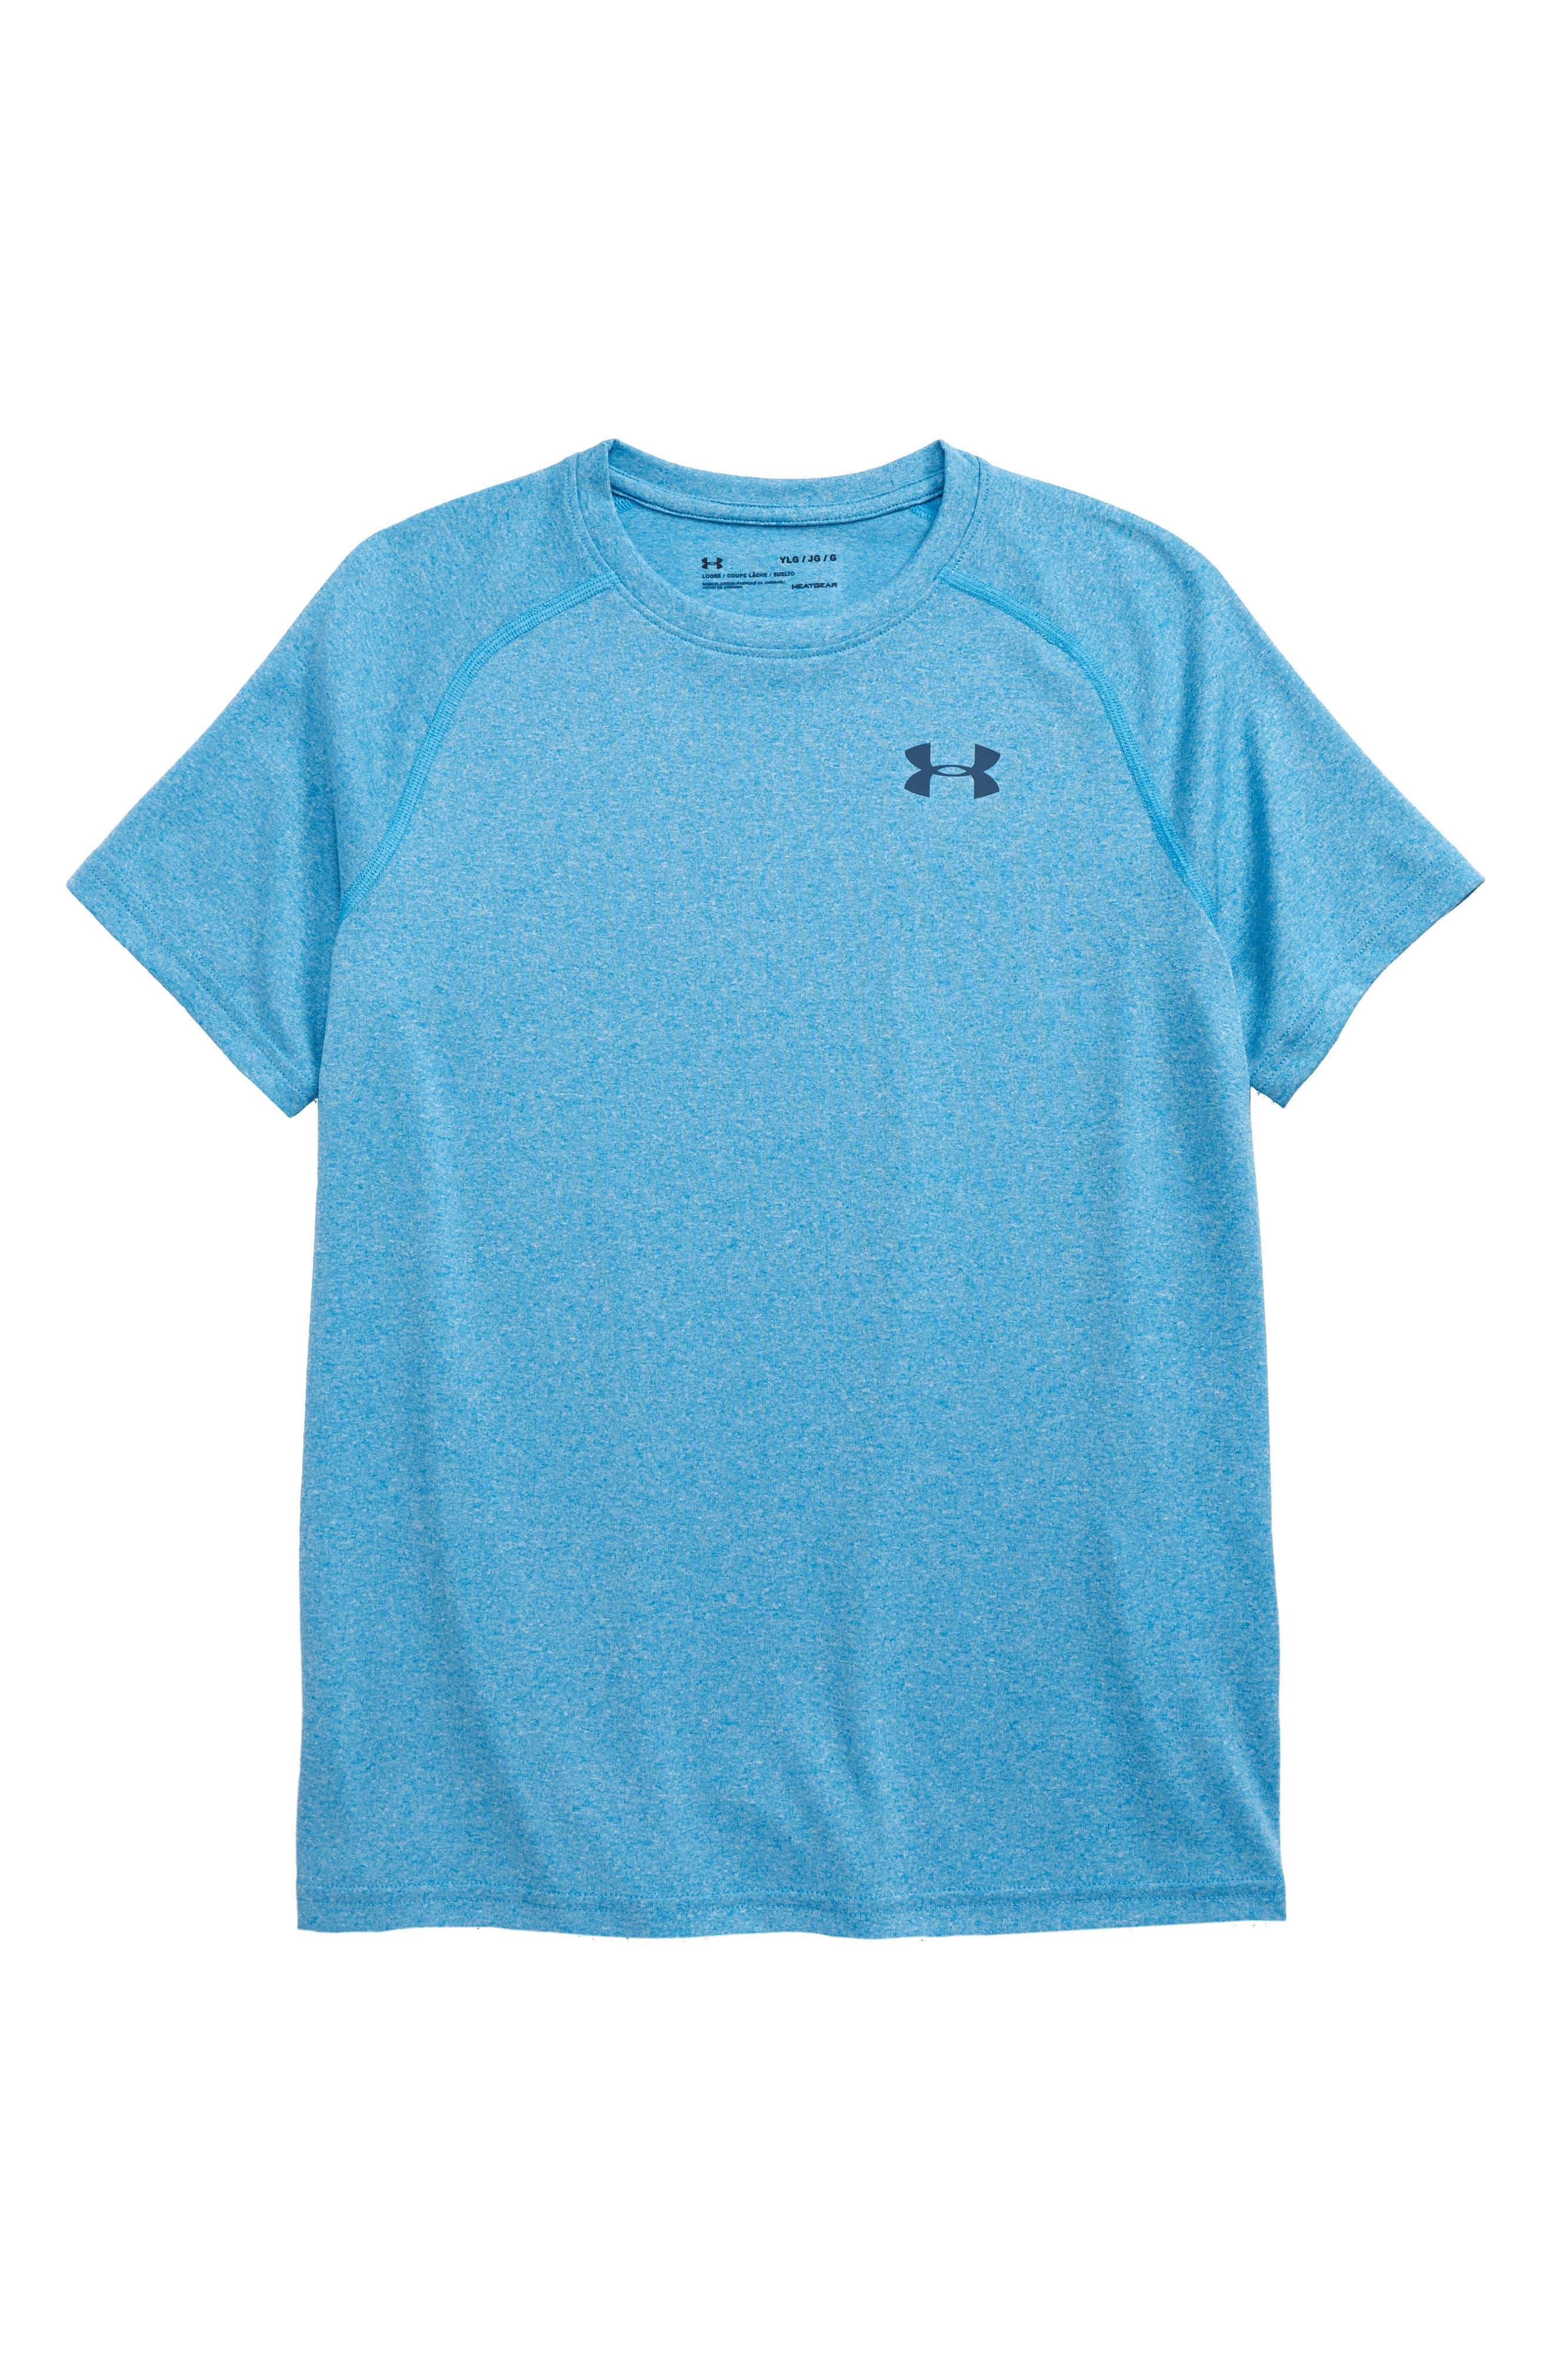 Boys Under Armour Tech Heatgear TShirt Size M (1012)  Blue